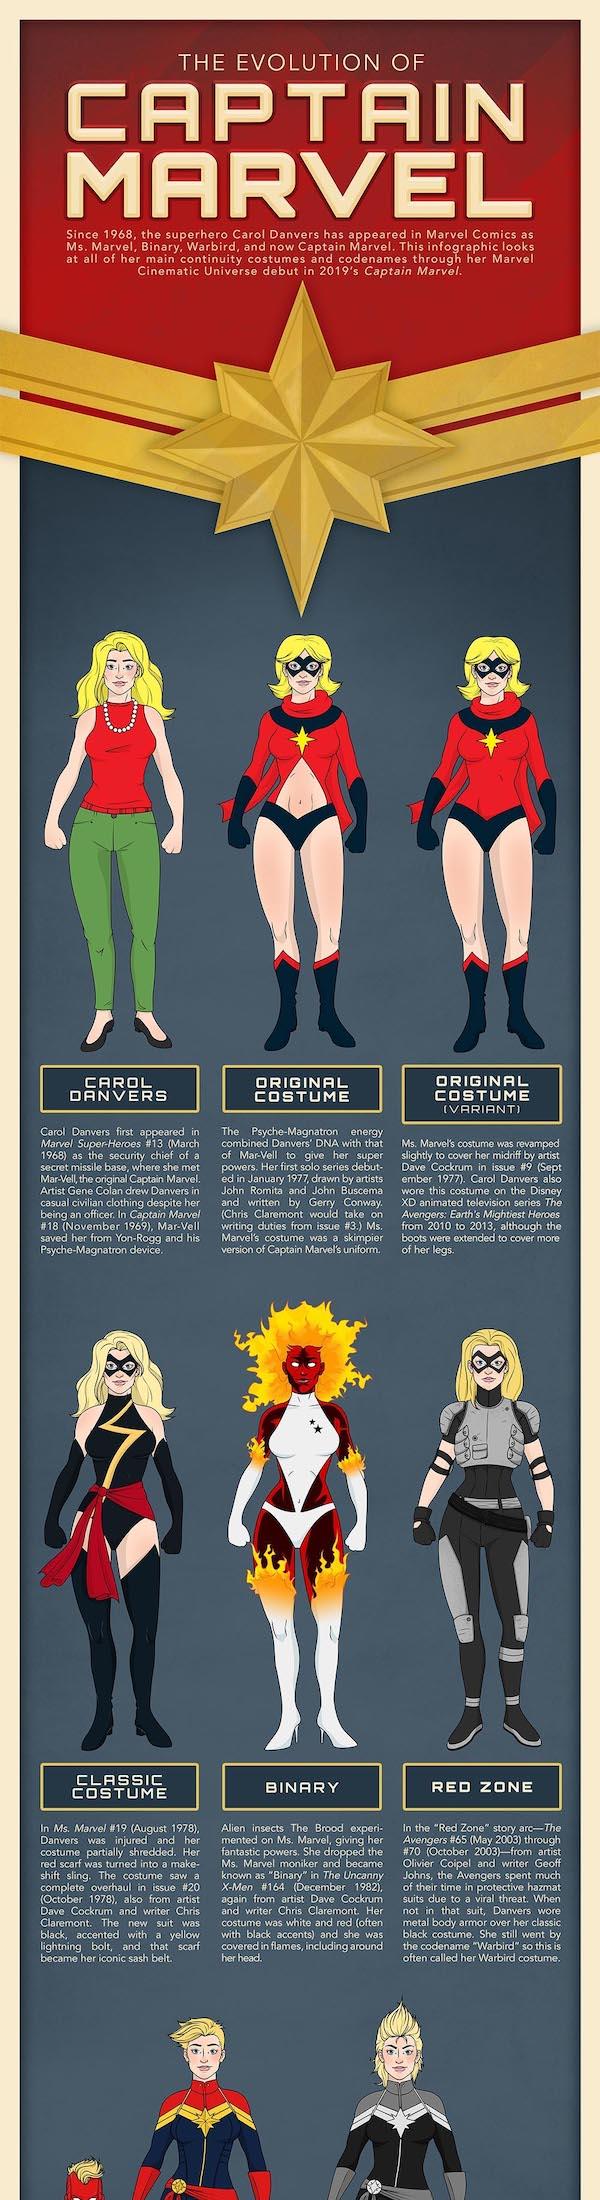 Captain Marvel Comparison Infographic